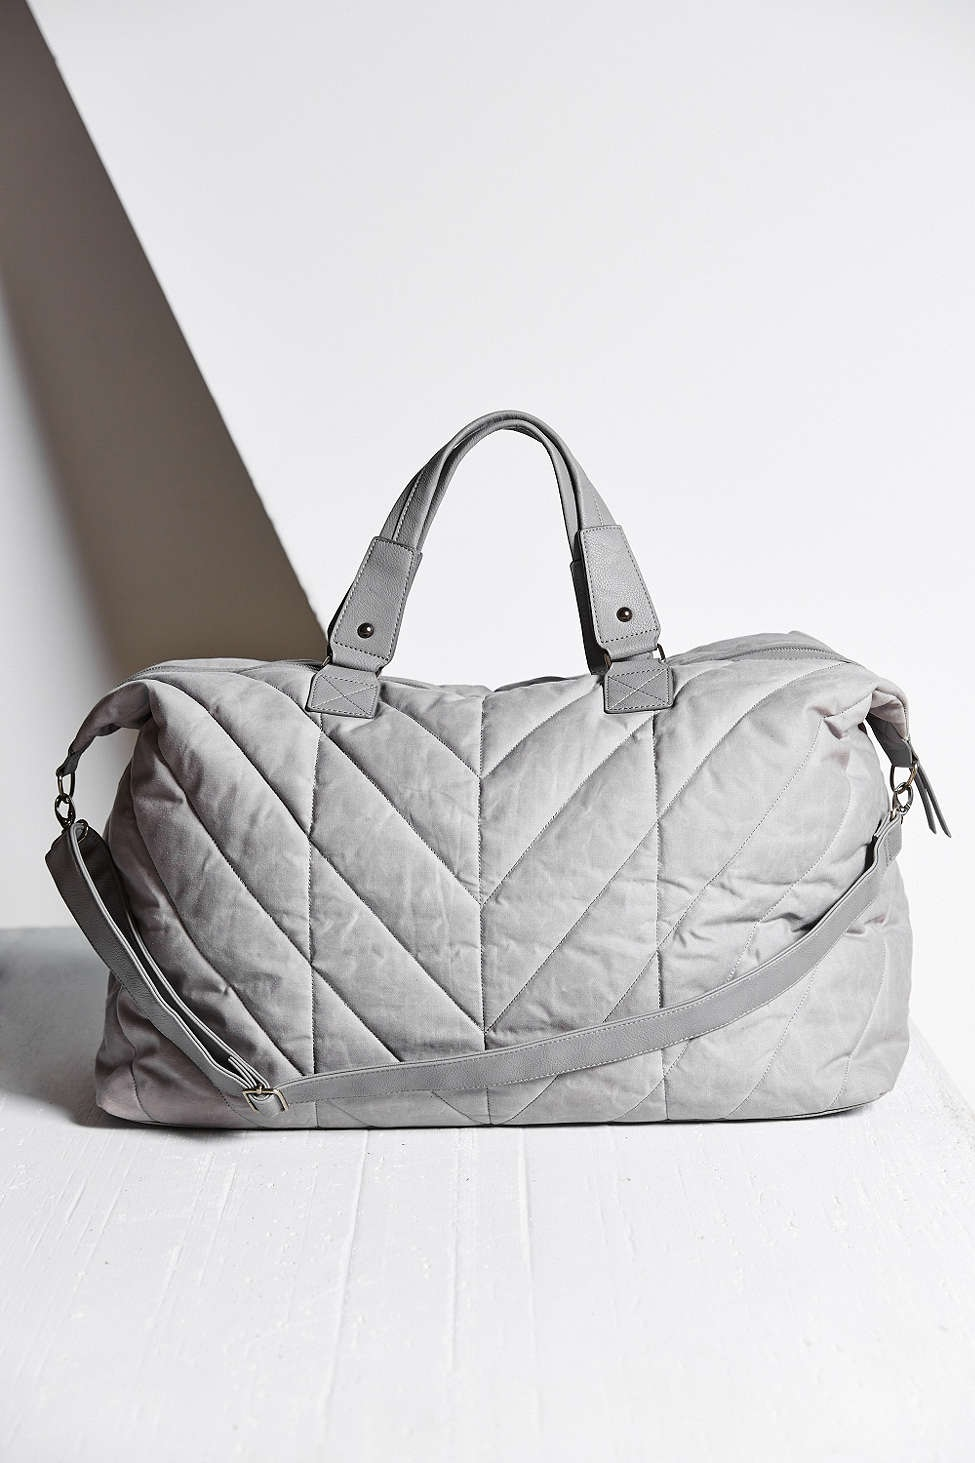 BDG Weekender Bag, Urban Outfitters $89